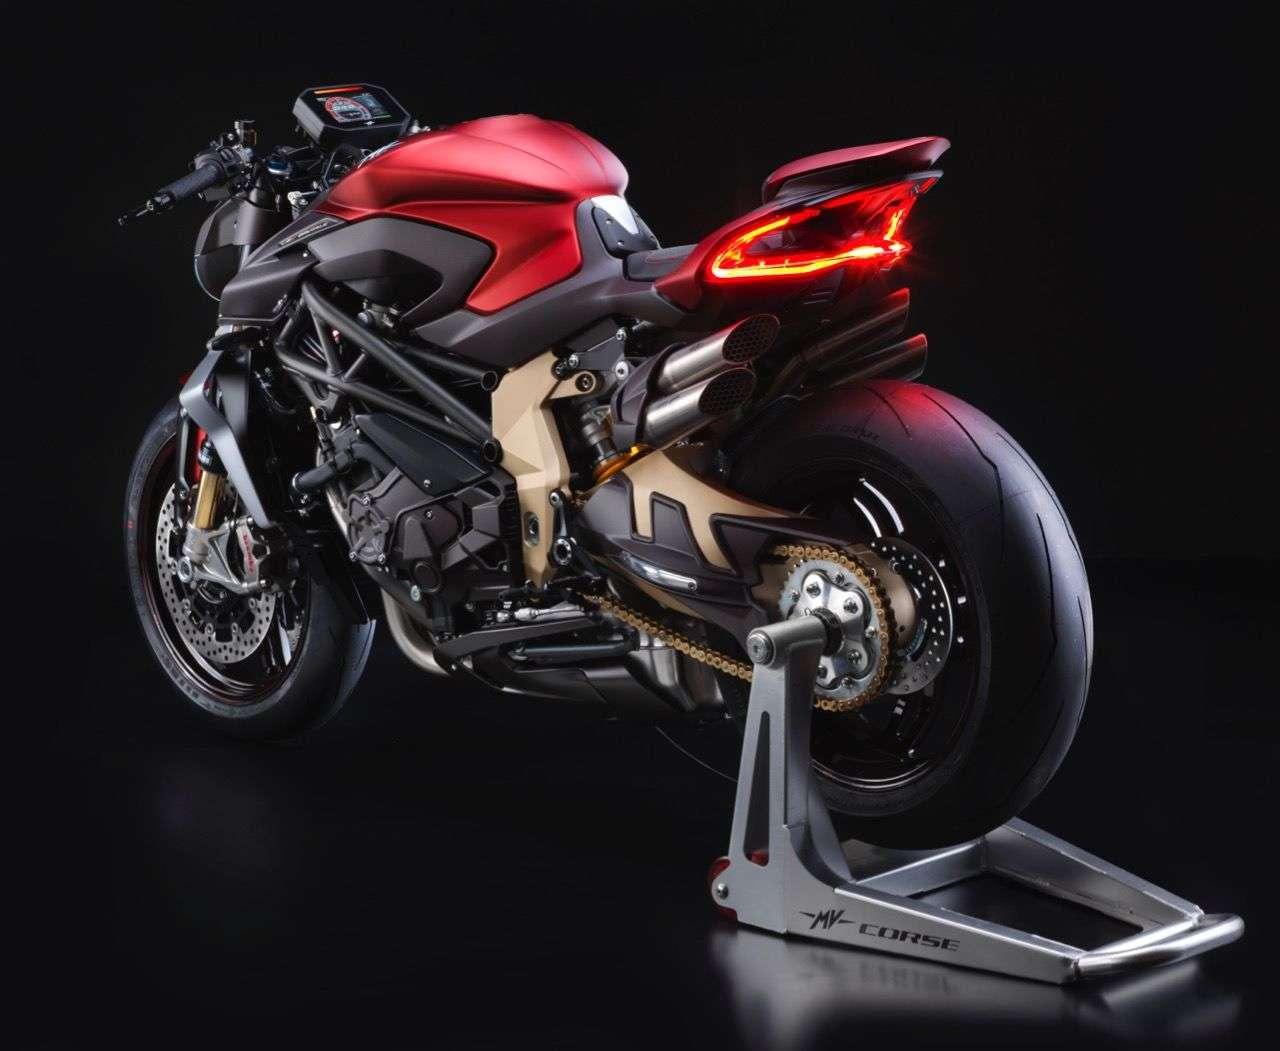 MV Agusta Brutale 1000 Serie Oro: Das Comeback einer Kultmarke mit einem Paukenschlag – dem mit 208 PS stärksten Serien-Naked Bike der Welt!